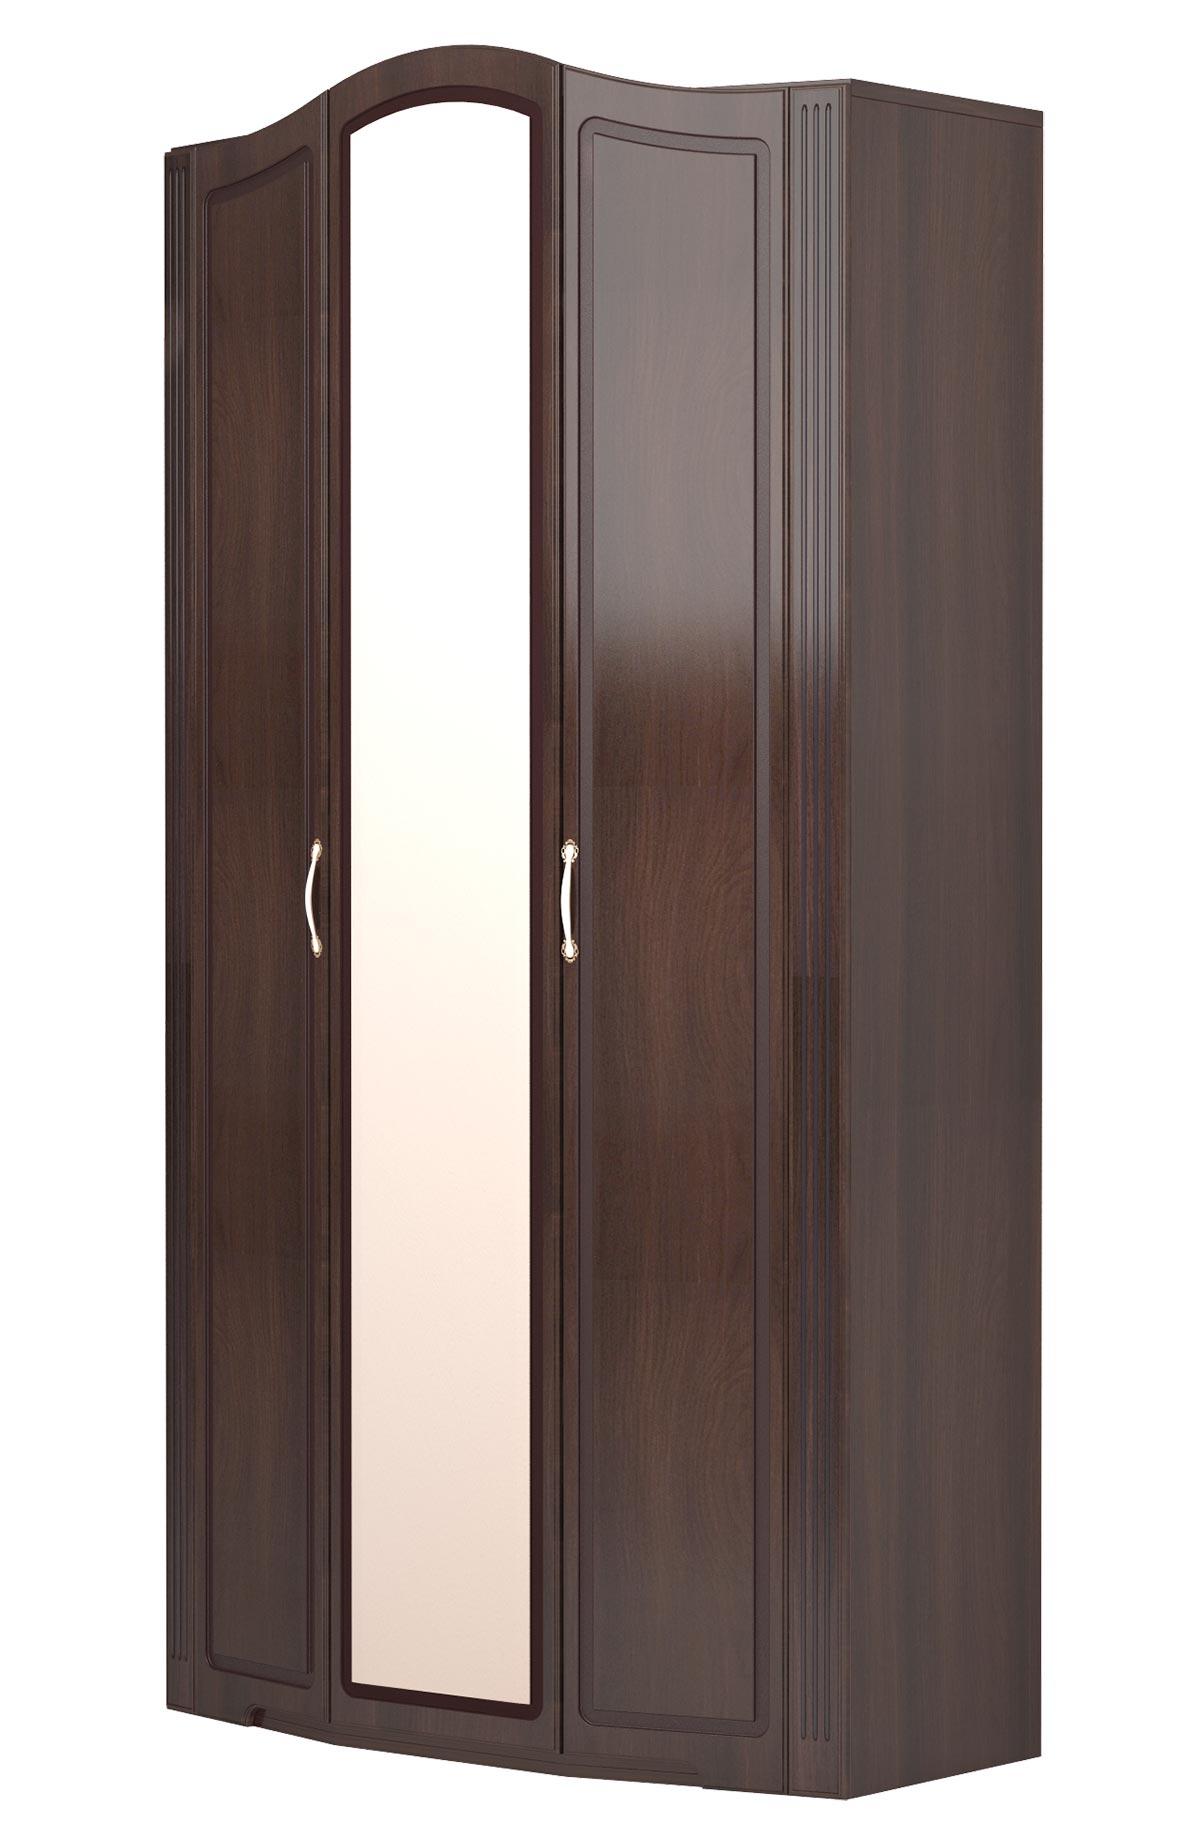 Шкаф 3х дверный с зеркалами Ижмебель Виктория (дуб тортона глянец), арт.09